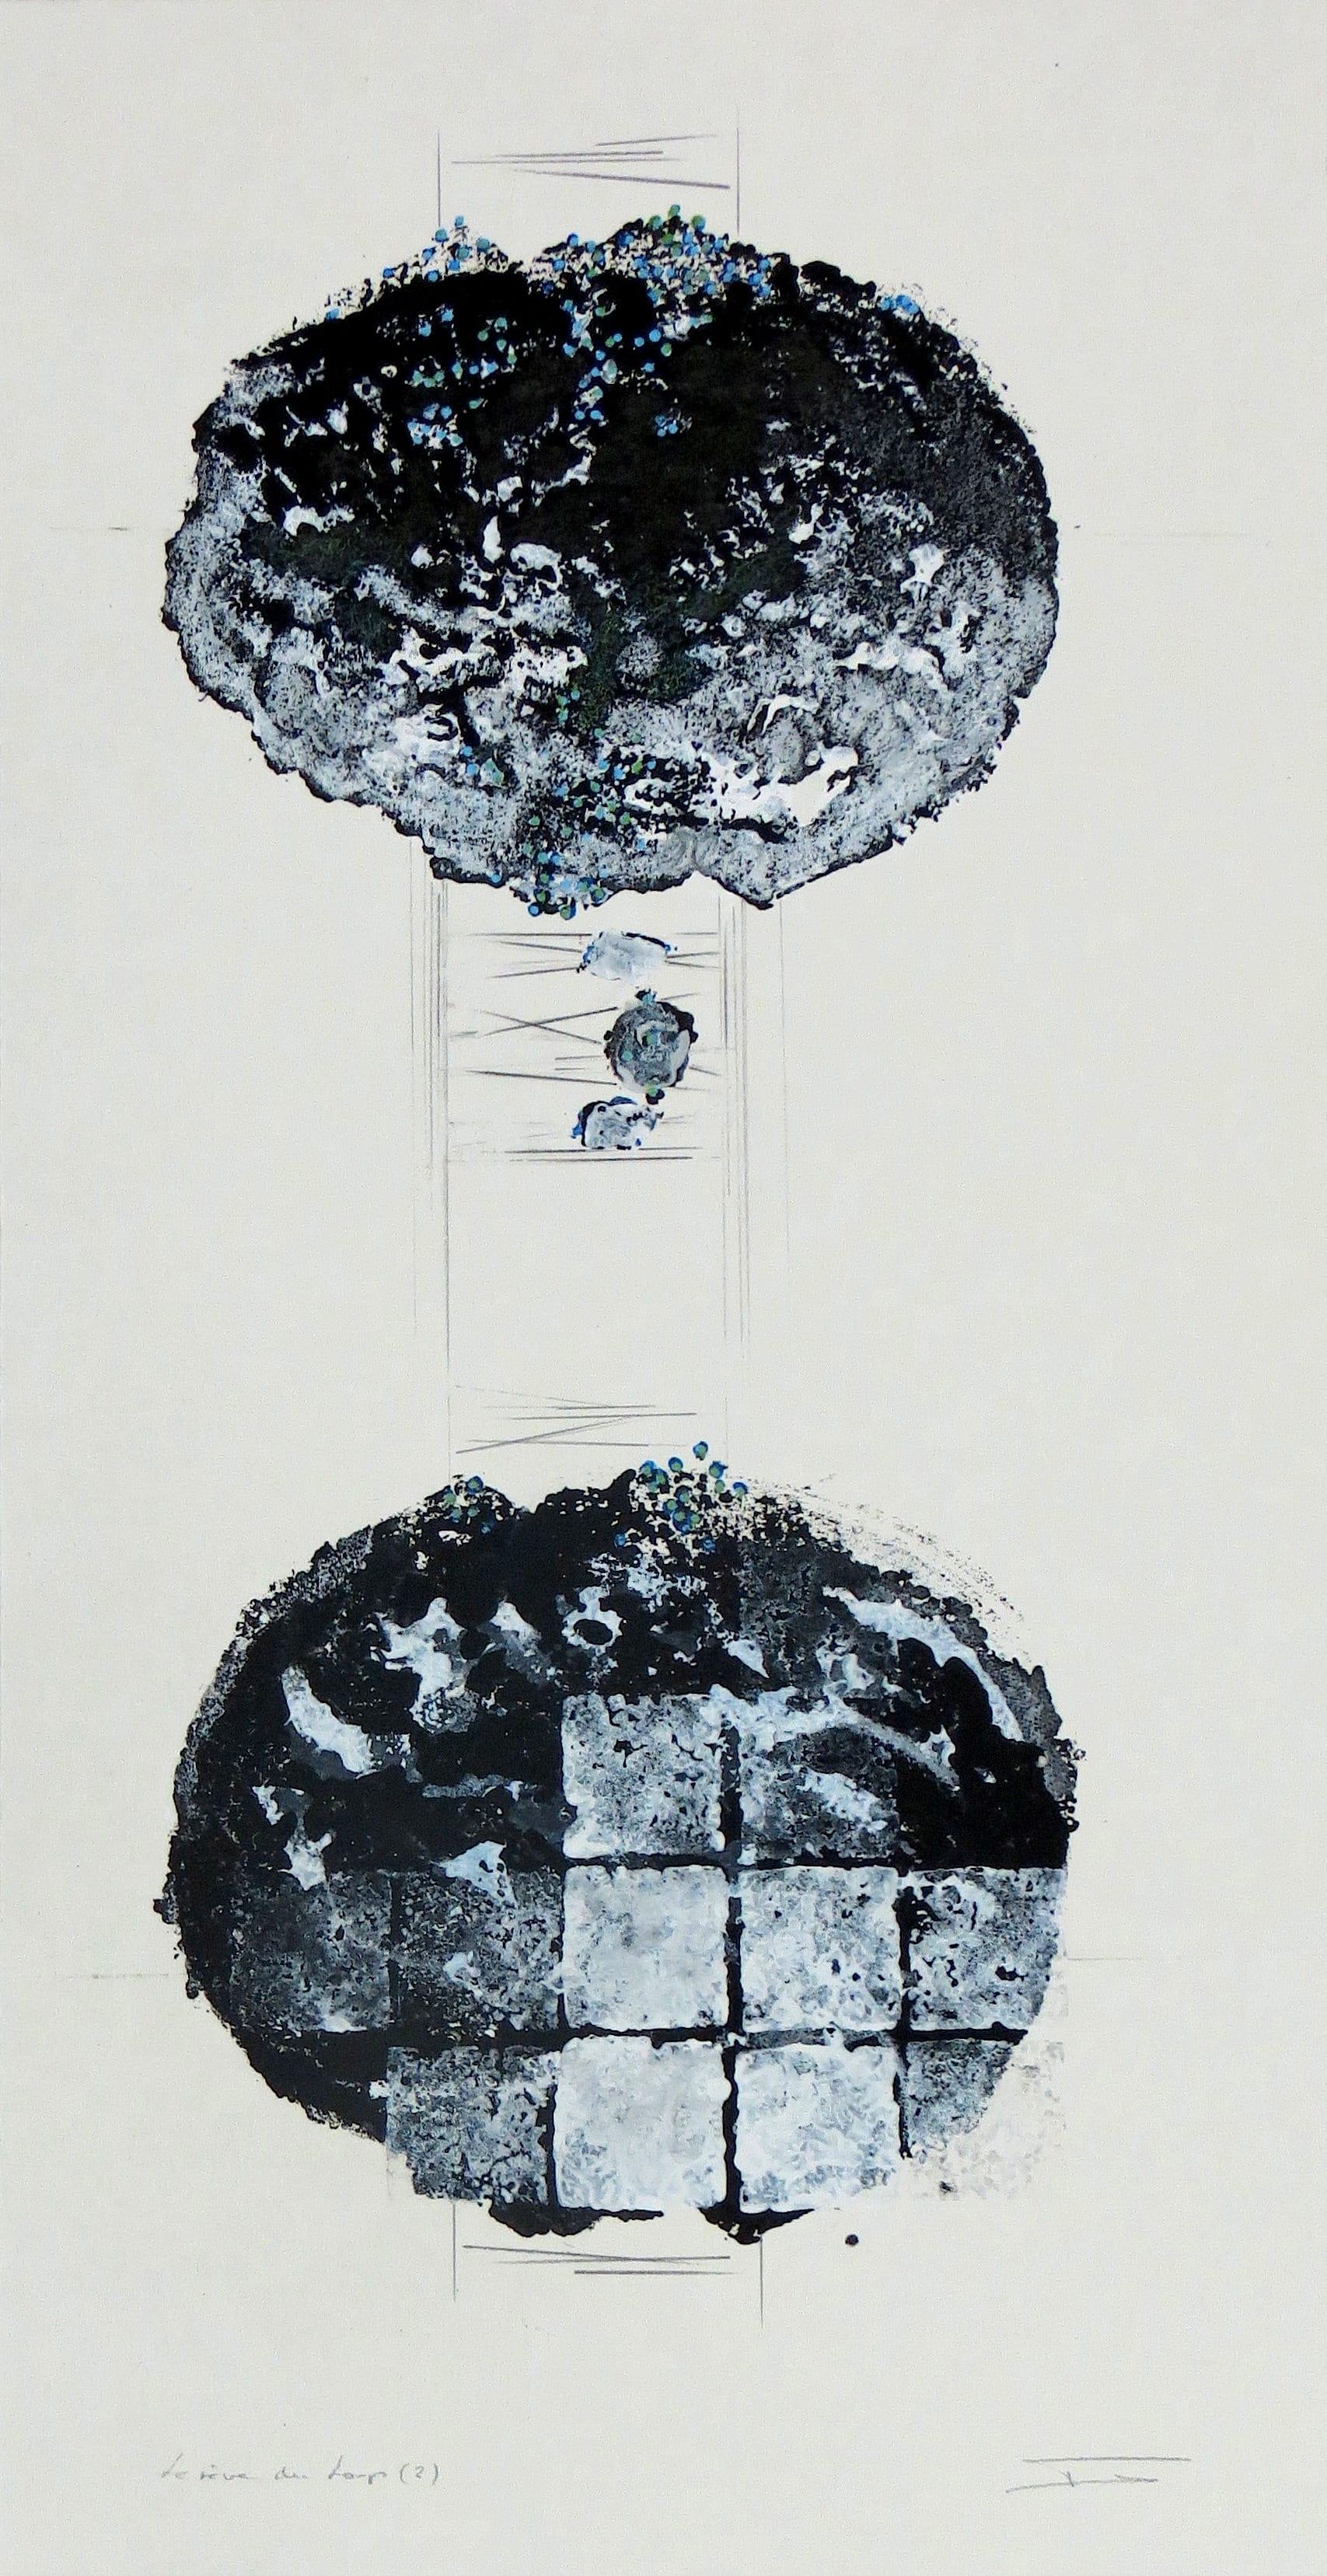 Le-Loup-et-moi-2-monotype-par-estampage-encre-et-crayon-sur-papier-BFK-80x40